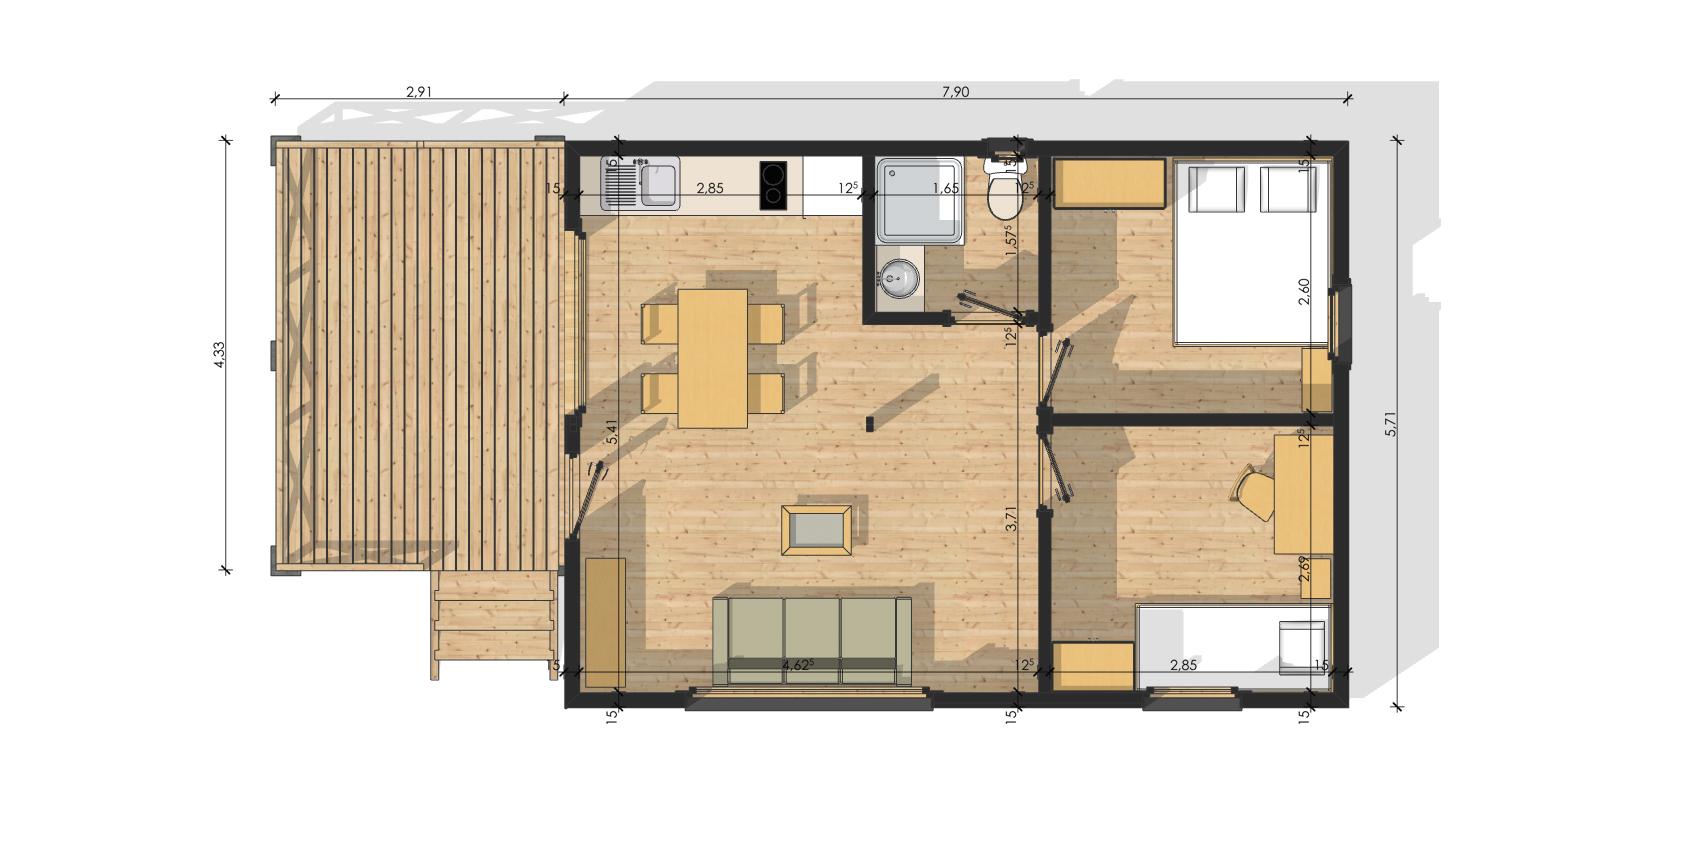 #976E34 Habitat Modulaire En Bois MODULOB 40b De 40 M²   Terrasses 3057 plan suite parentale 20m2 1694x852 px @ aertt.com